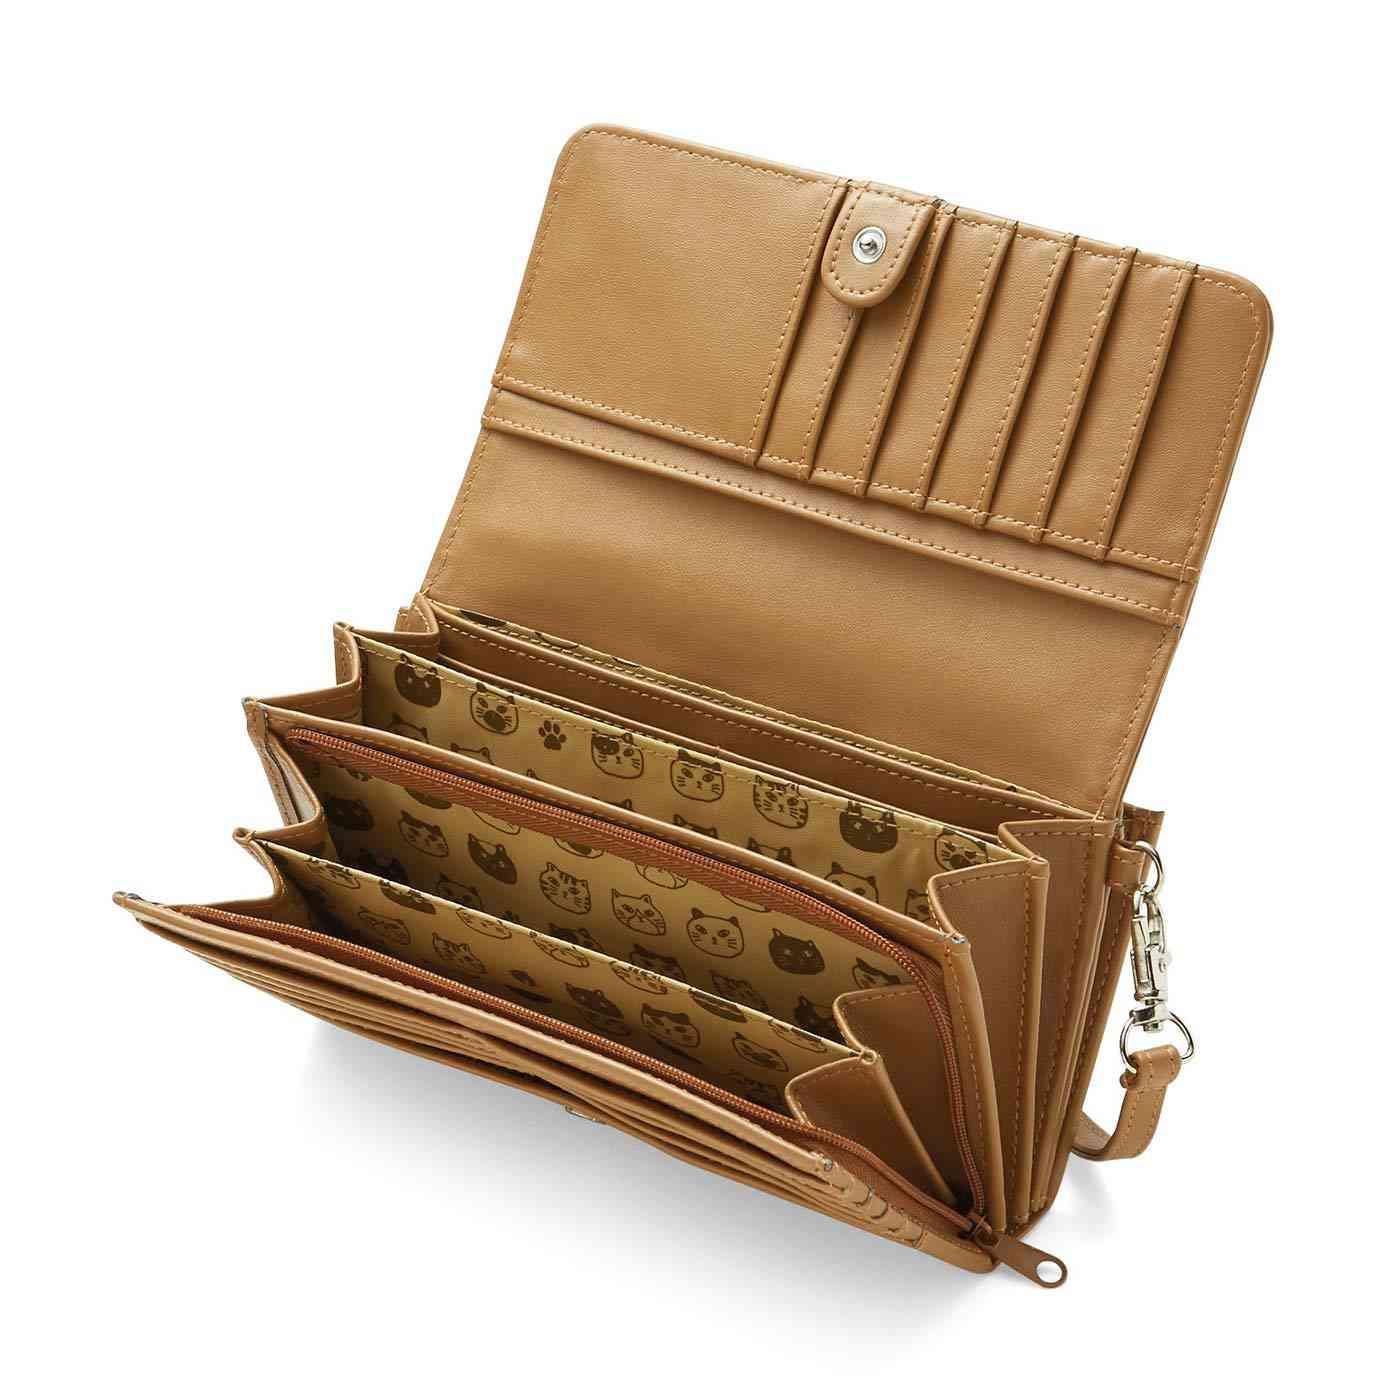 ツンデレにゃん 22ポケット付きの7つ星長財布|フェリシモ